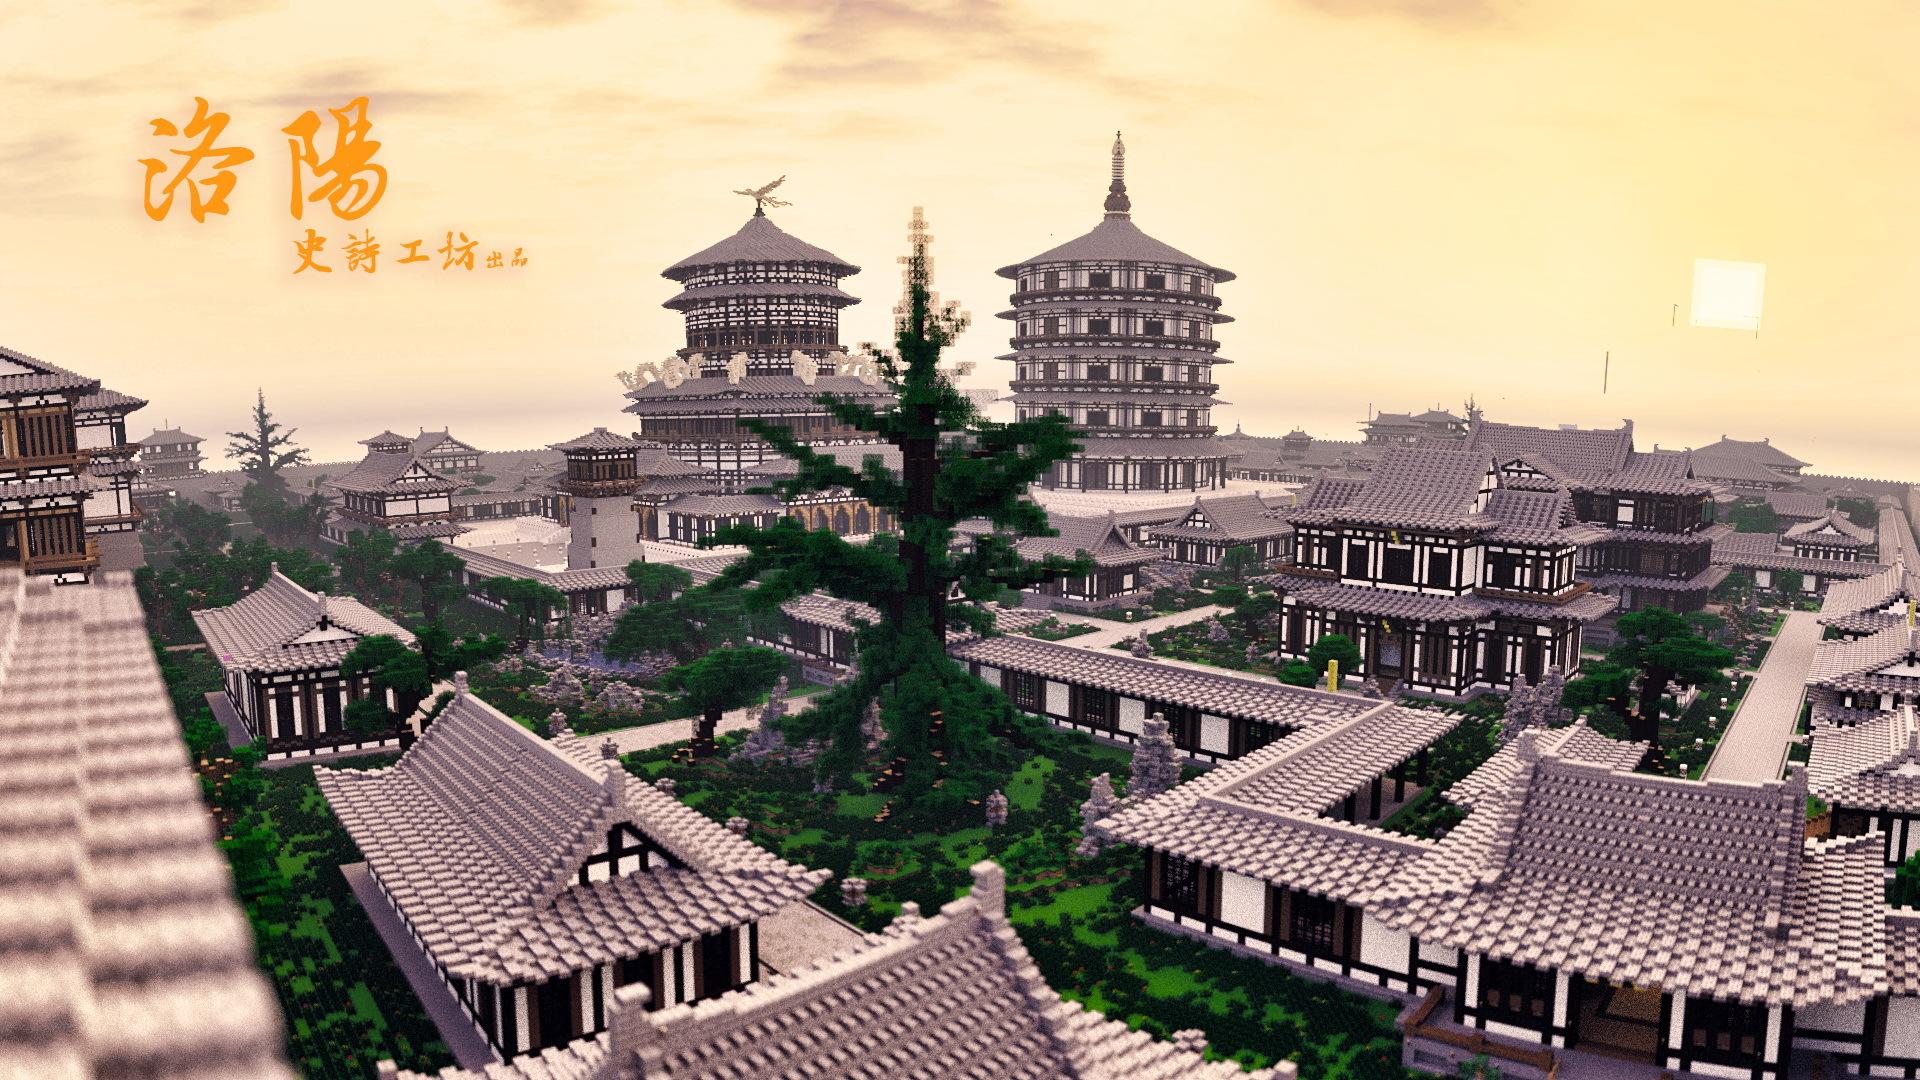 Luoyang (5).jpg